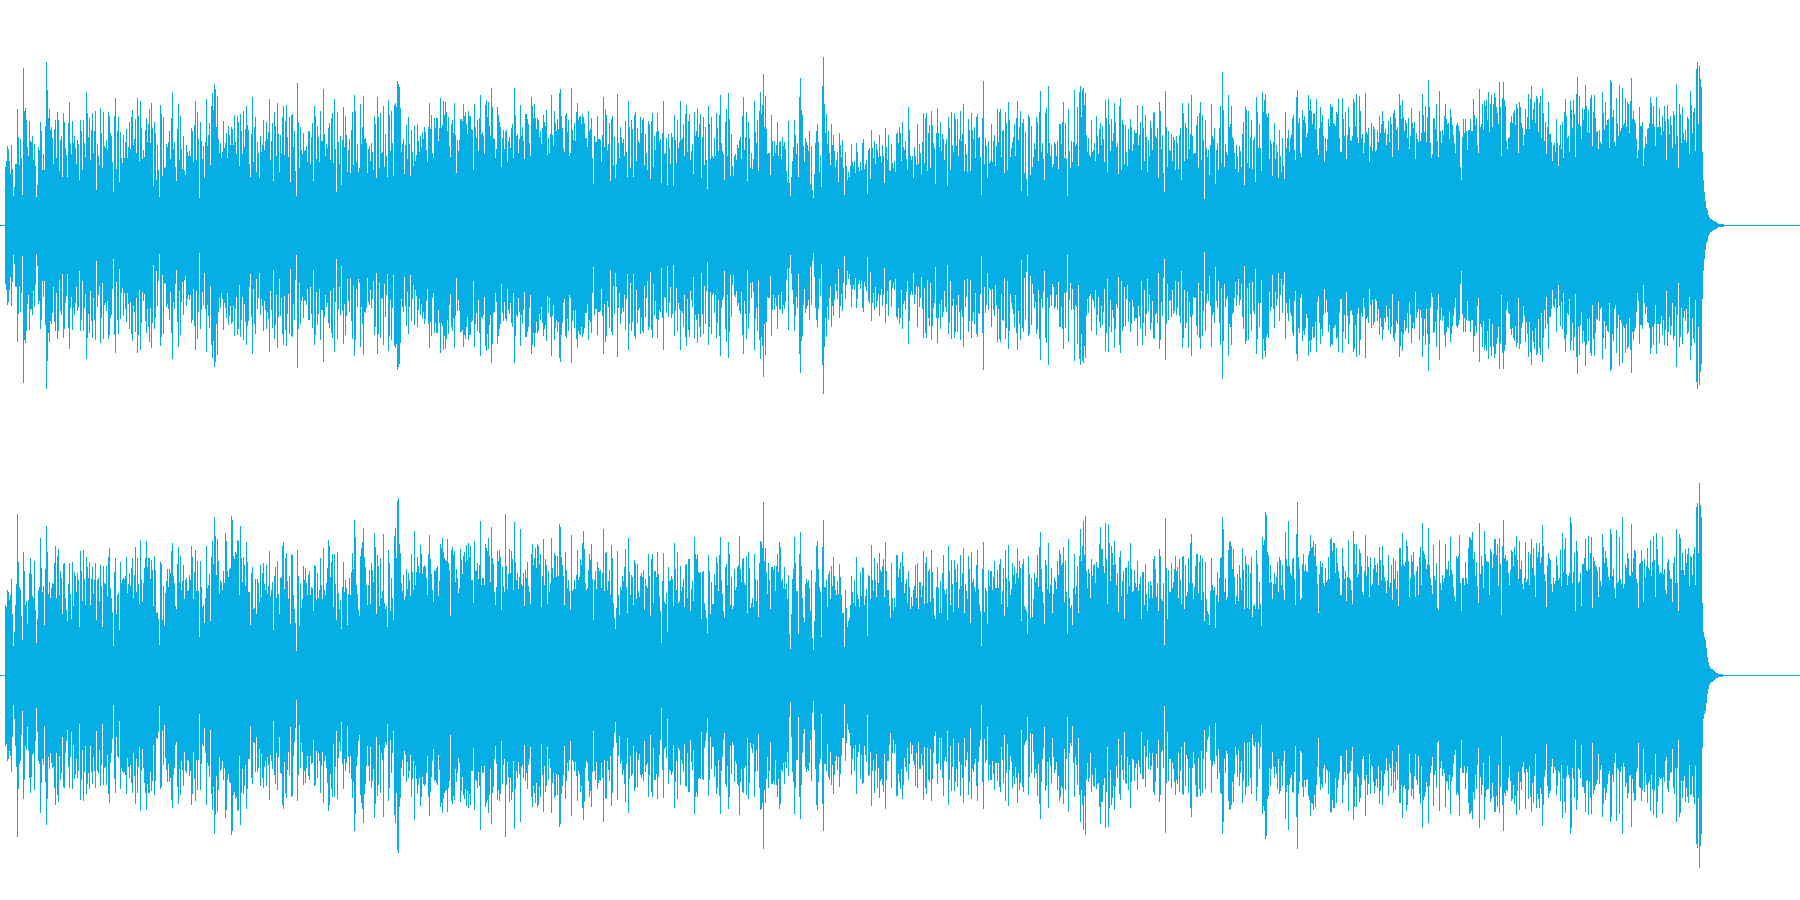 ペットと子供達のほのぼのポップ/コミカルの再生済みの波形